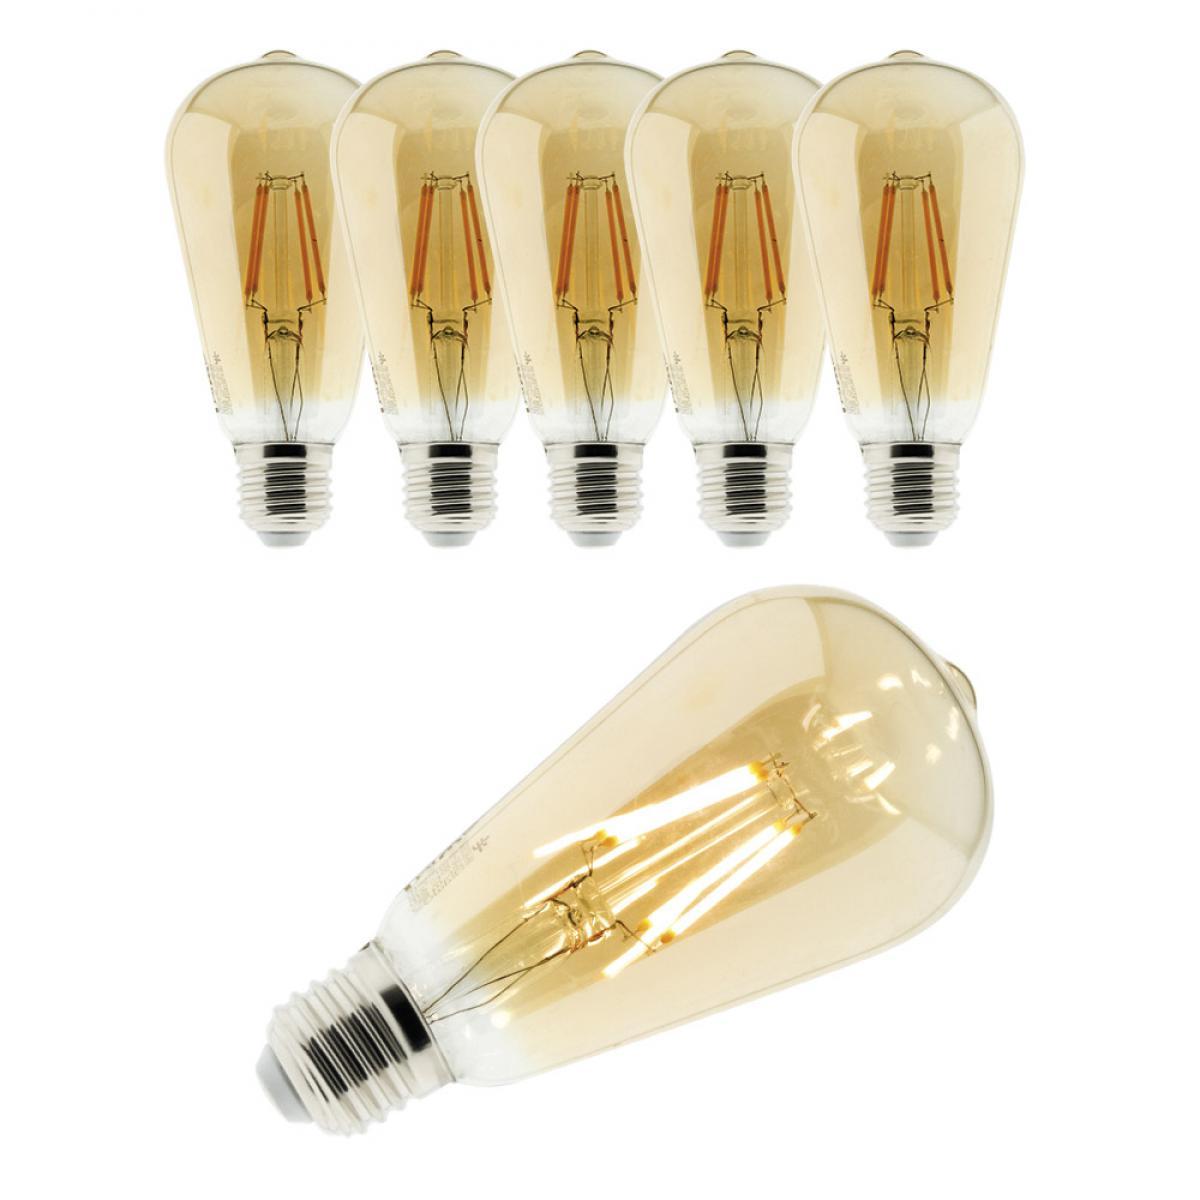 Elexity Lot de 6 ampoules Déco filament LED ambrée 4W E27 400lm 2500K - Edison